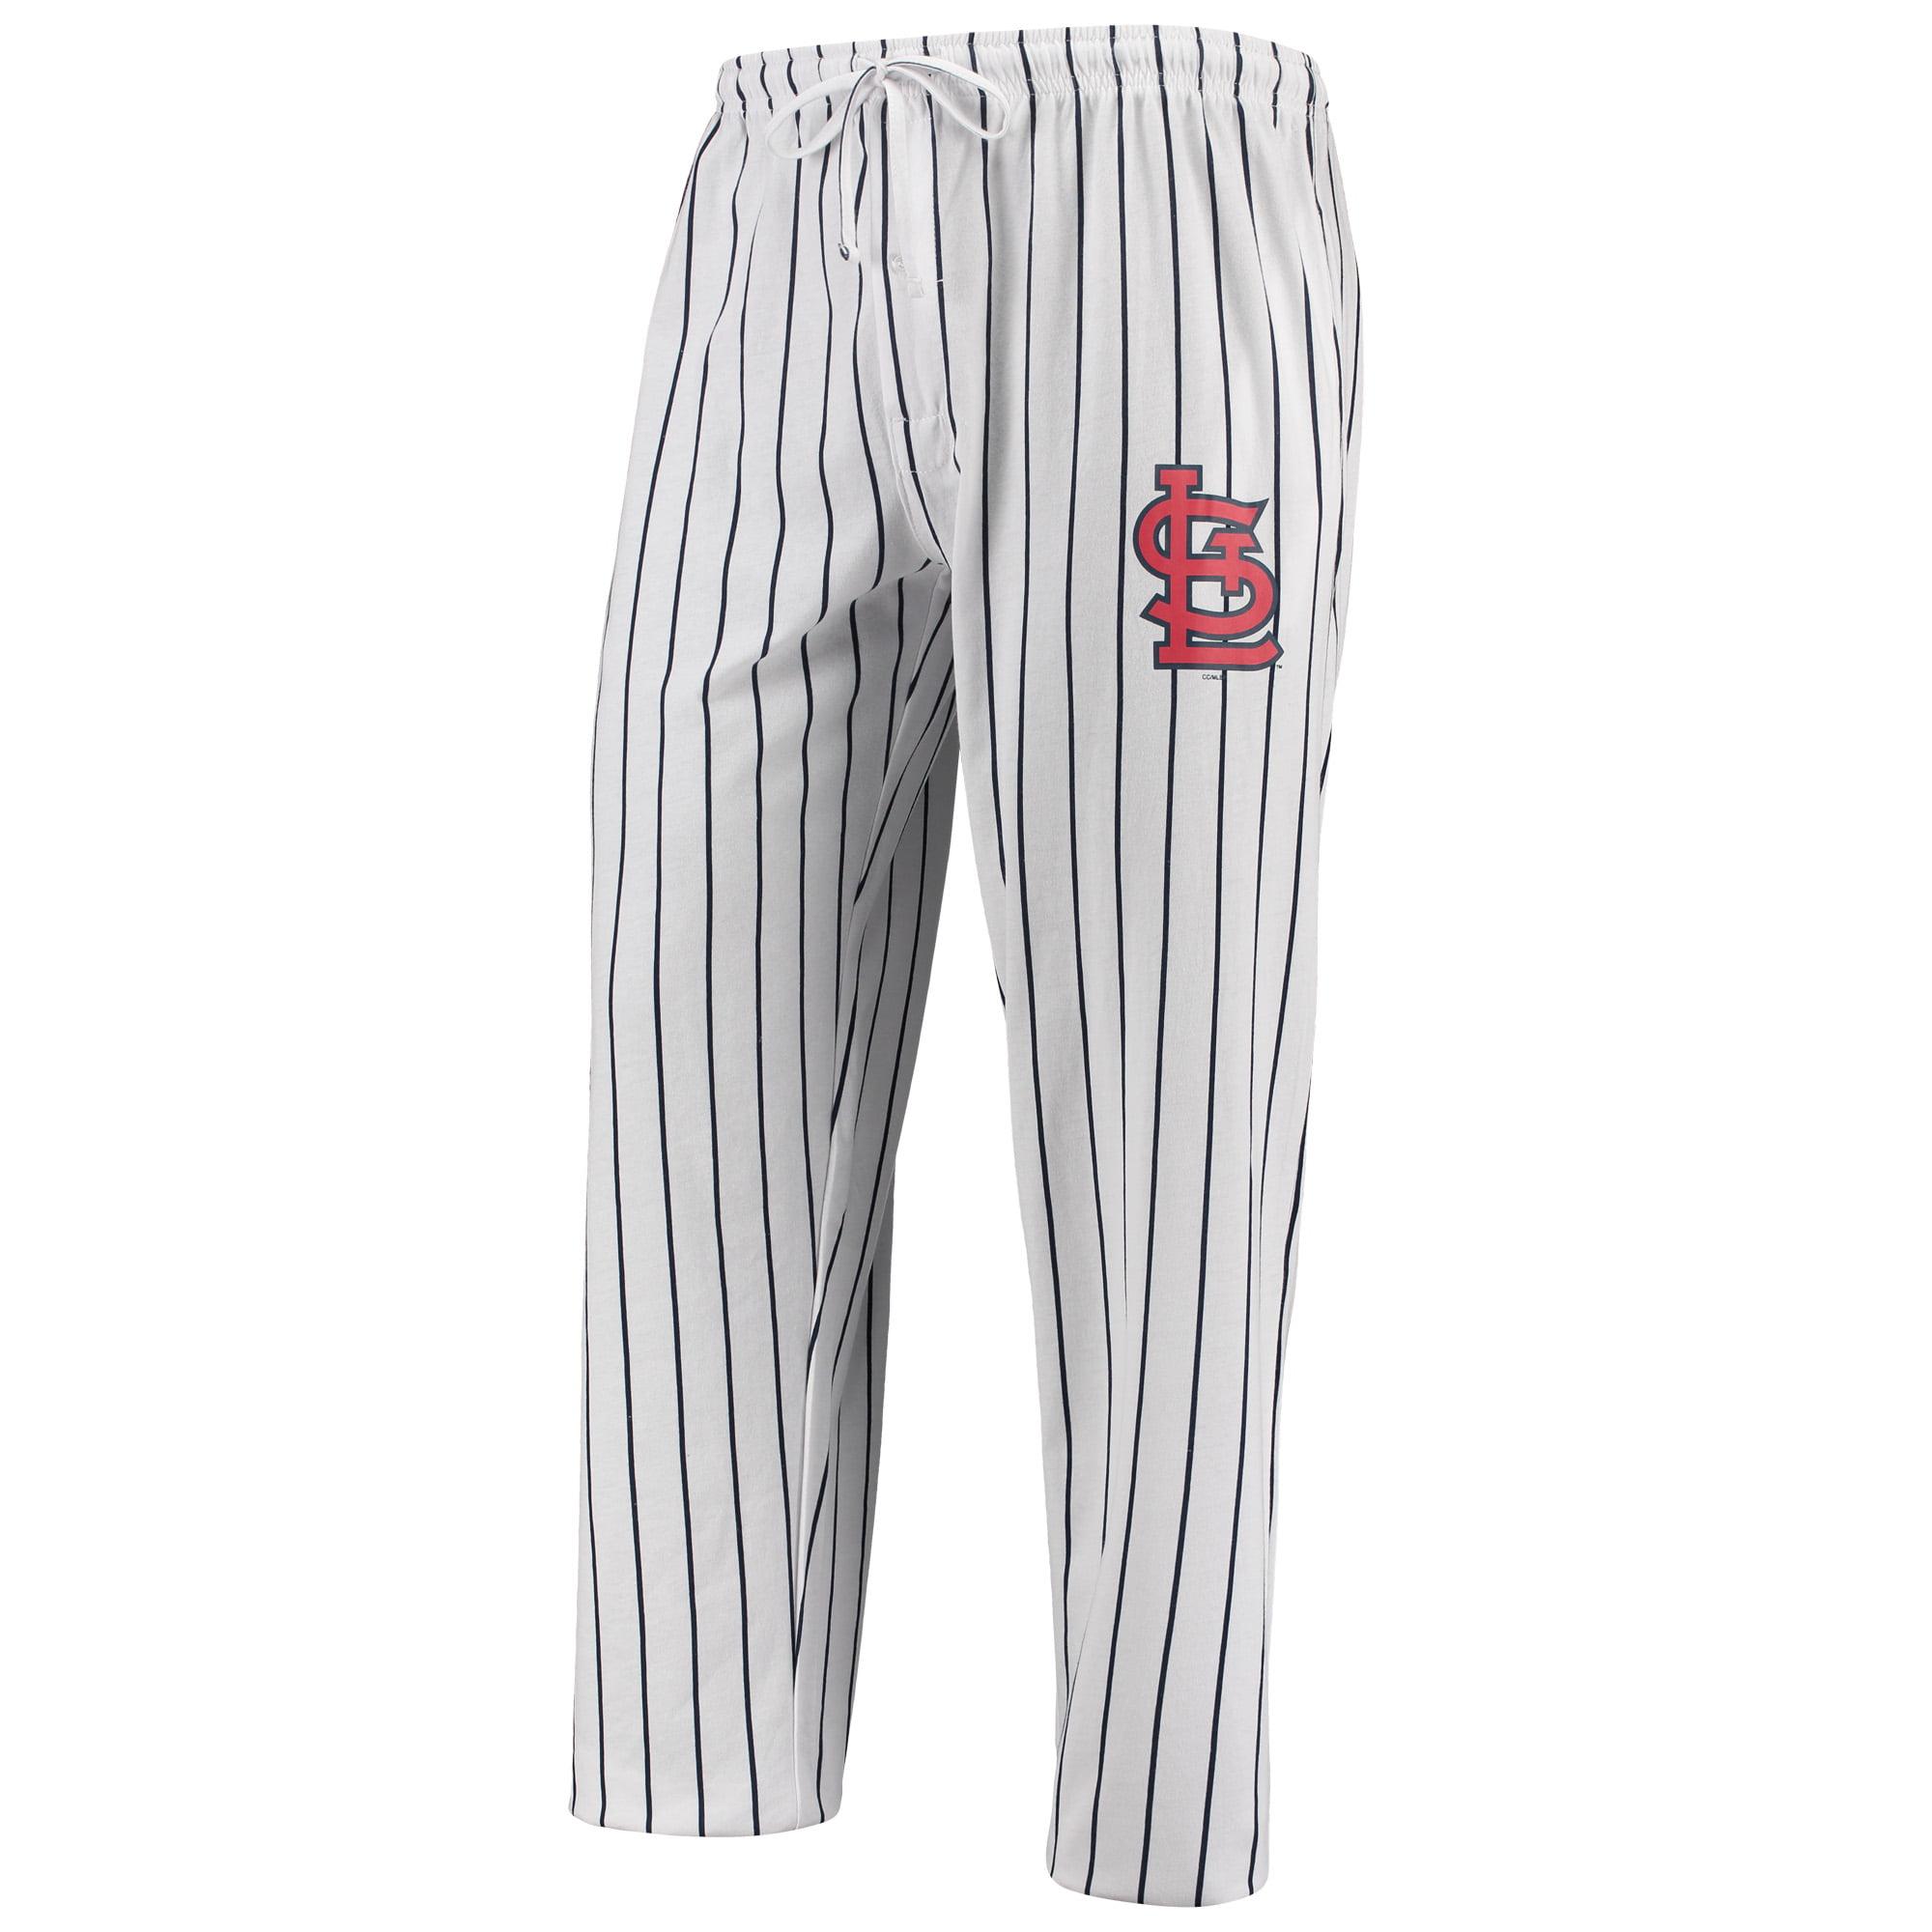 St. Louis Cardinals Concepts Sport Vigor Lounge Pant - White/Navy